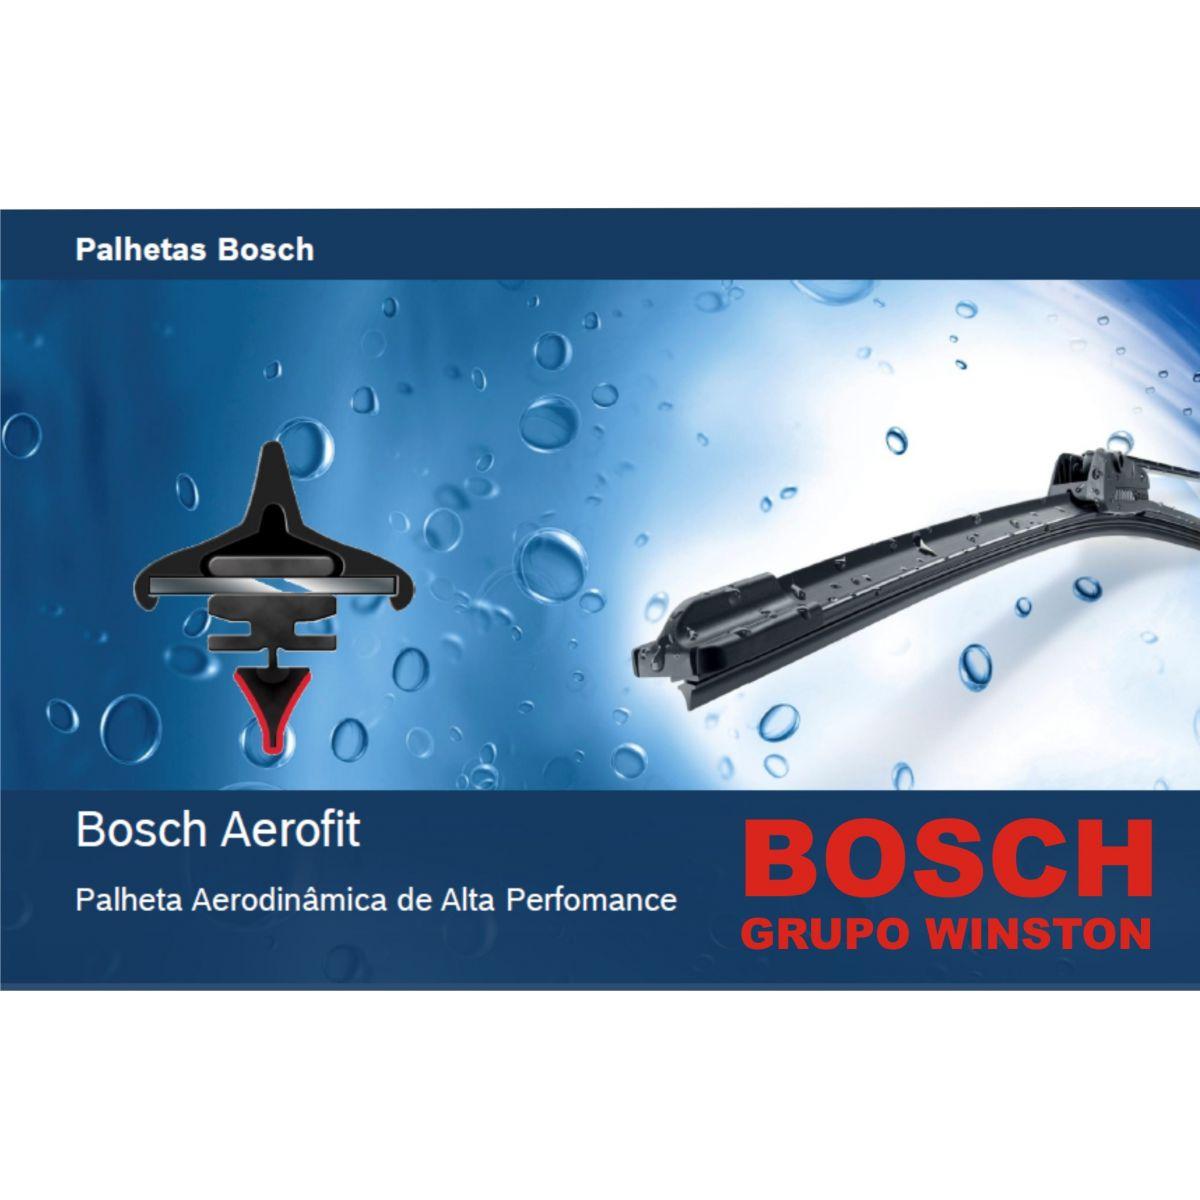 Palheta Bosch Aerofit Limpador de para brisa Bosch FORD Explorer F250 F350